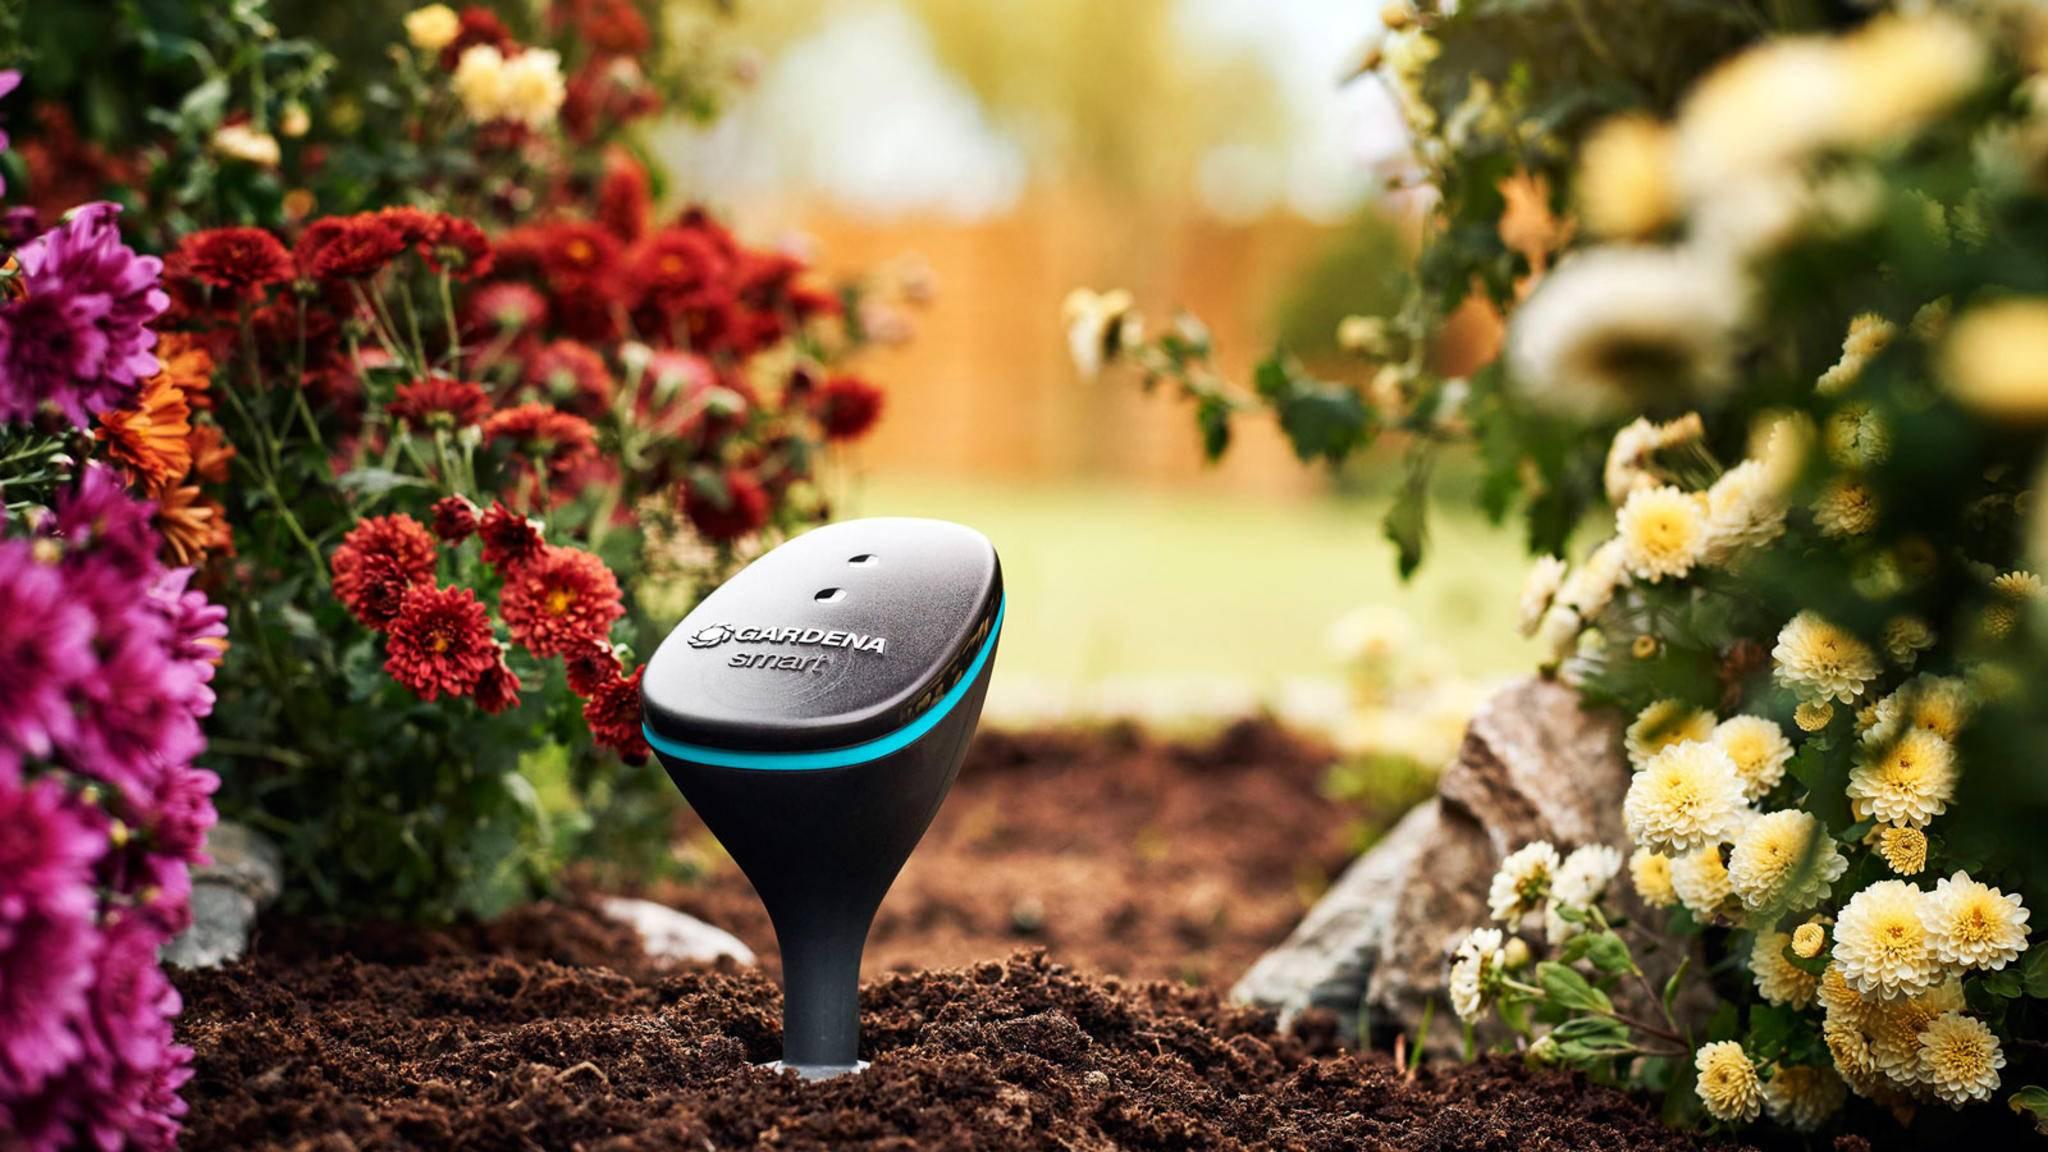 Smarte Bewässerungssysteme von Anbietern wie Gardena nehmen Dir im Garten viel Arbeit ab.